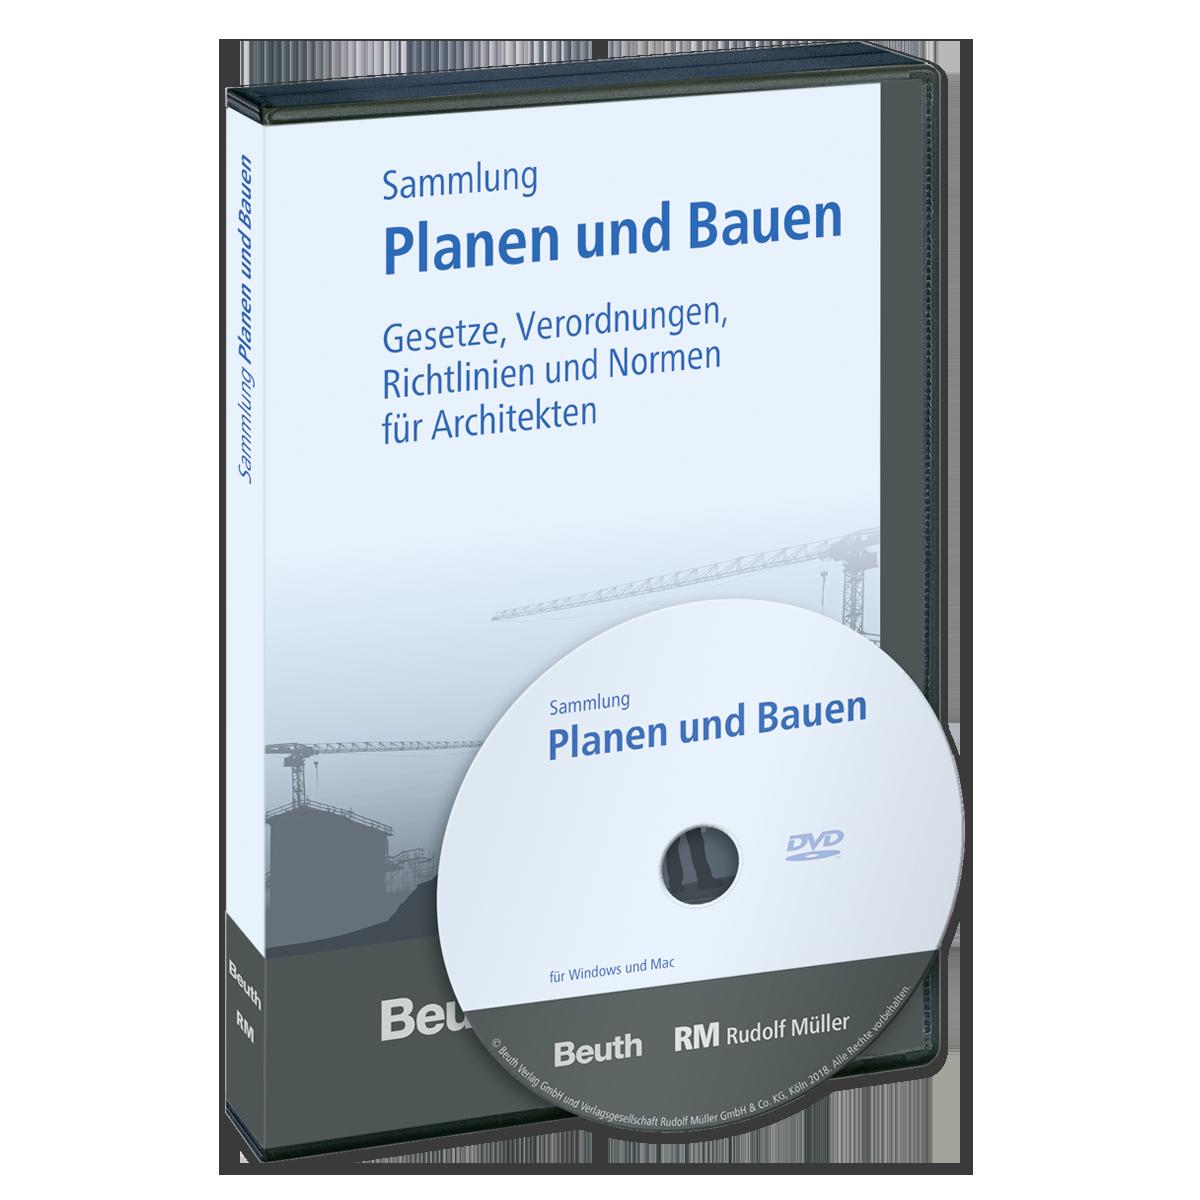 DVD_Planen und Bauen